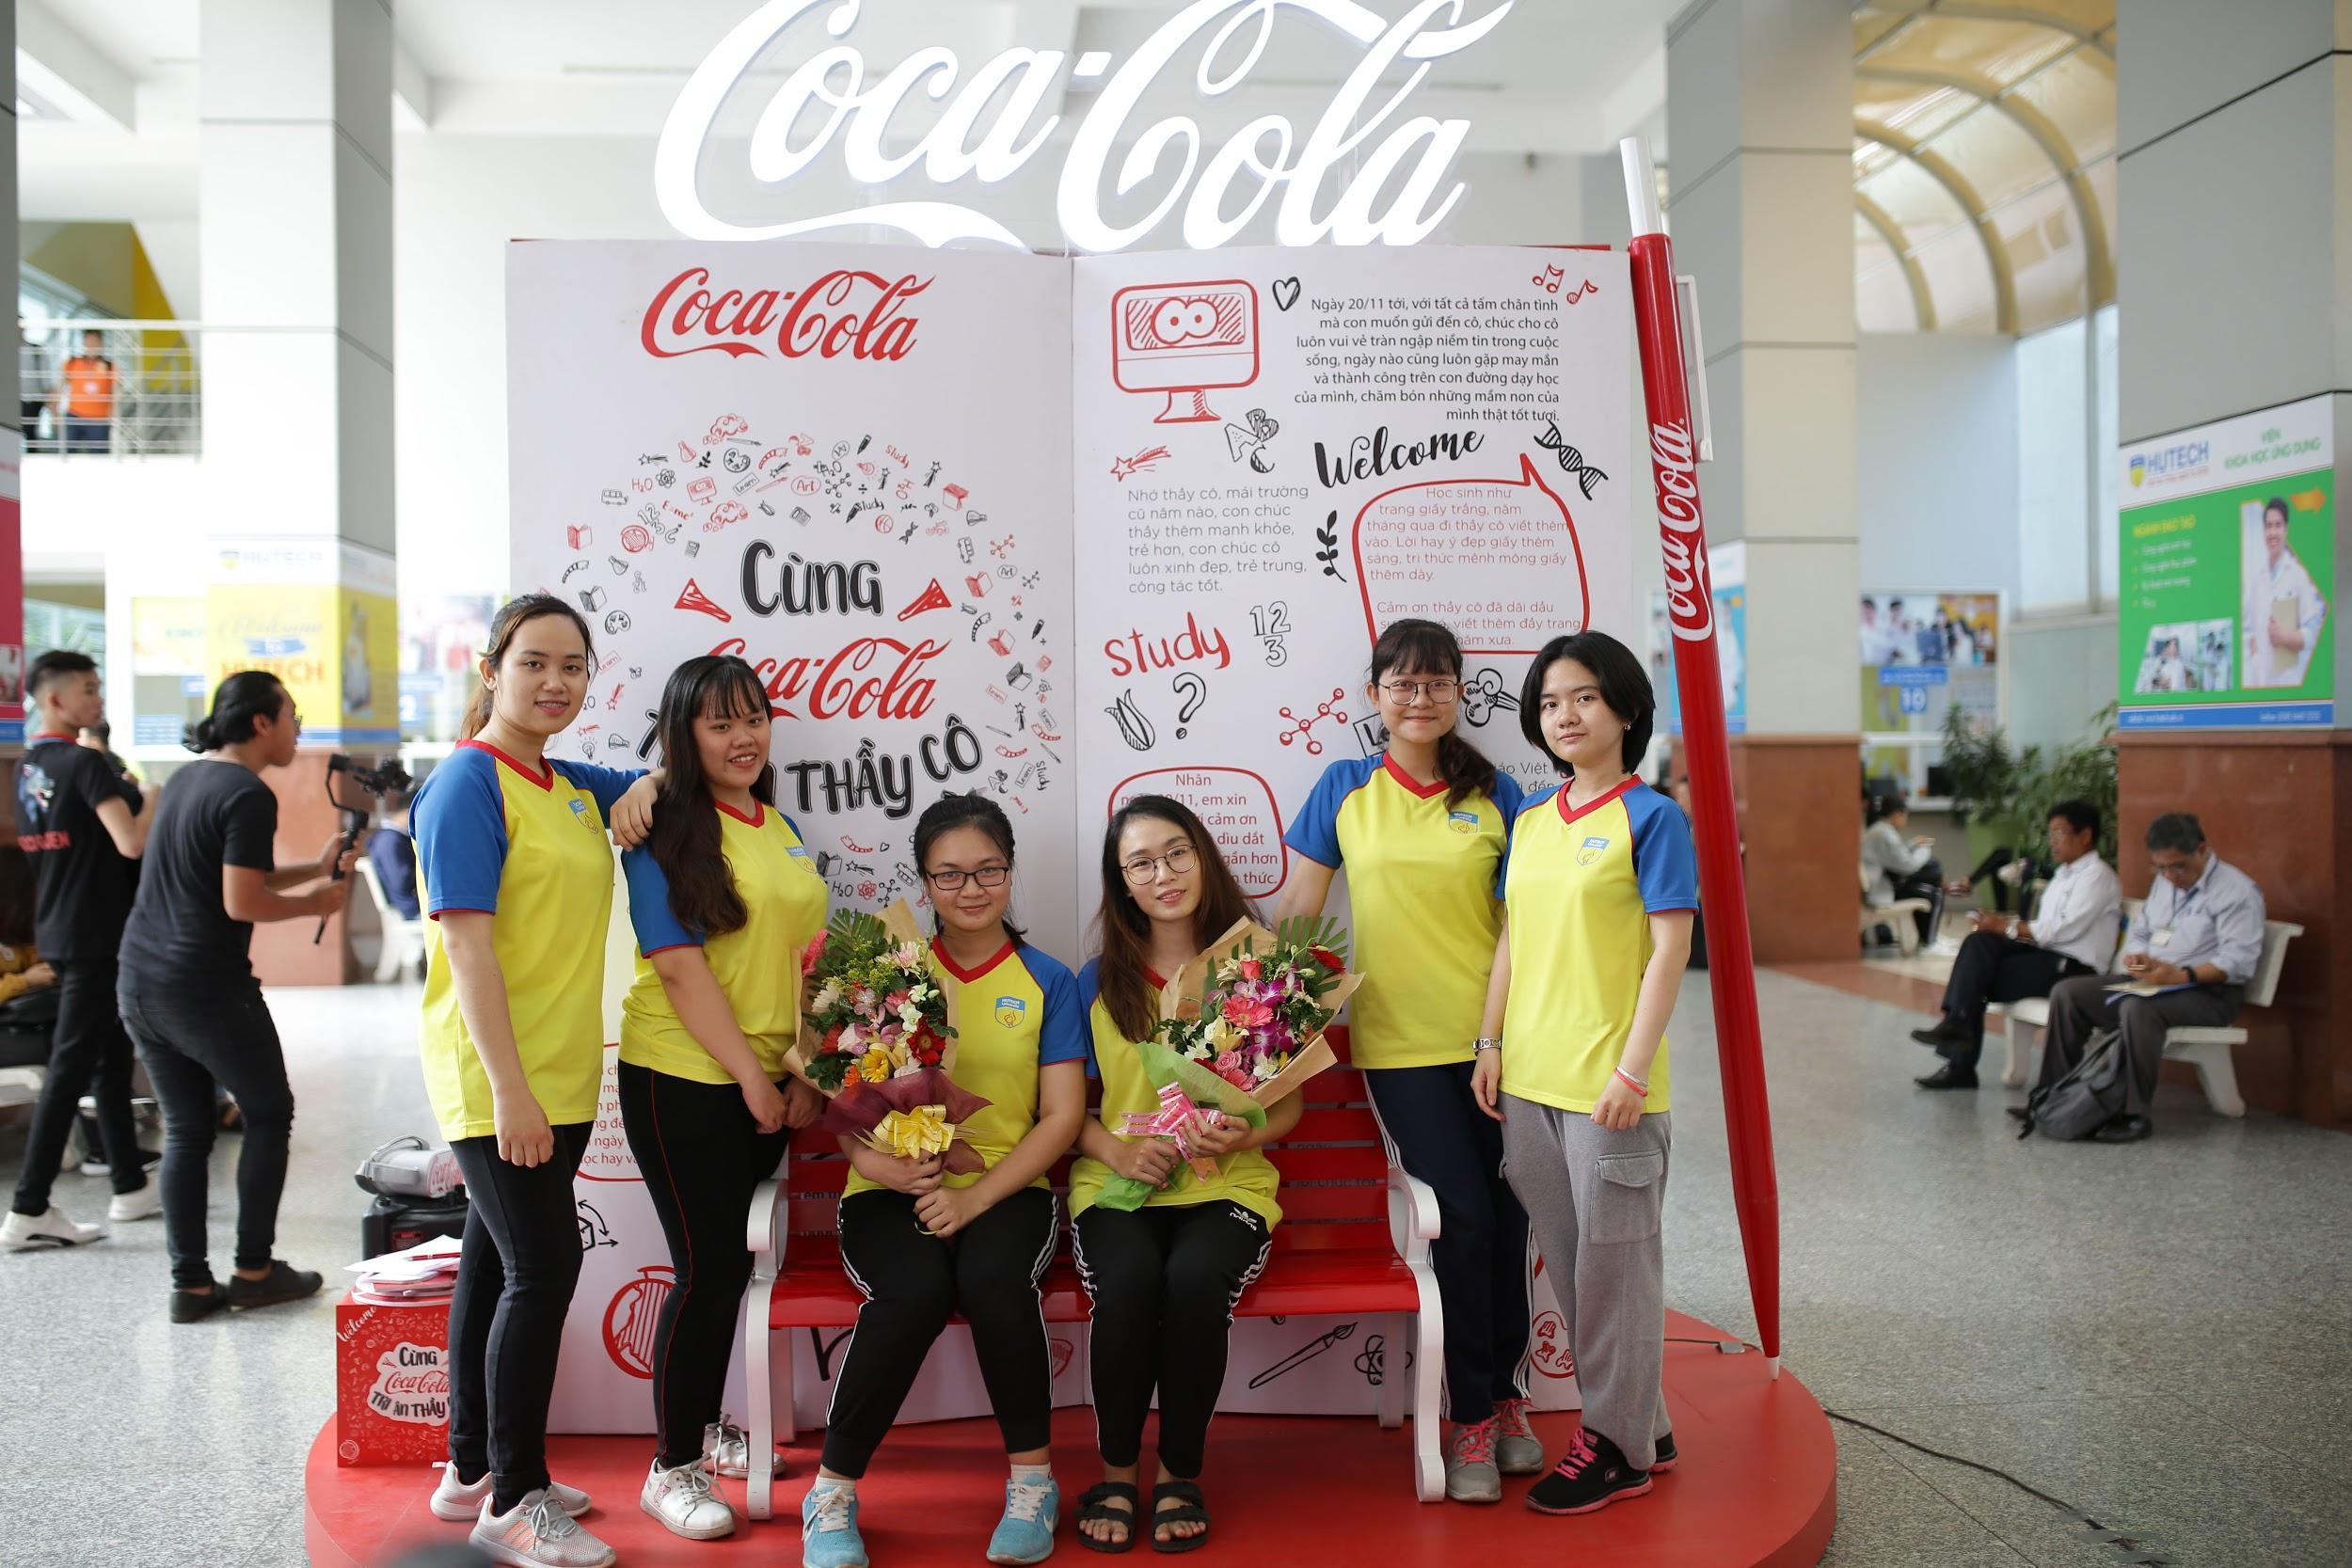 """Loạt ảnh rạng ngời của sinh viên trong sự kiện """"Cùng Coca-Cola tri ân thầy cô"""" - Ảnh 1."""